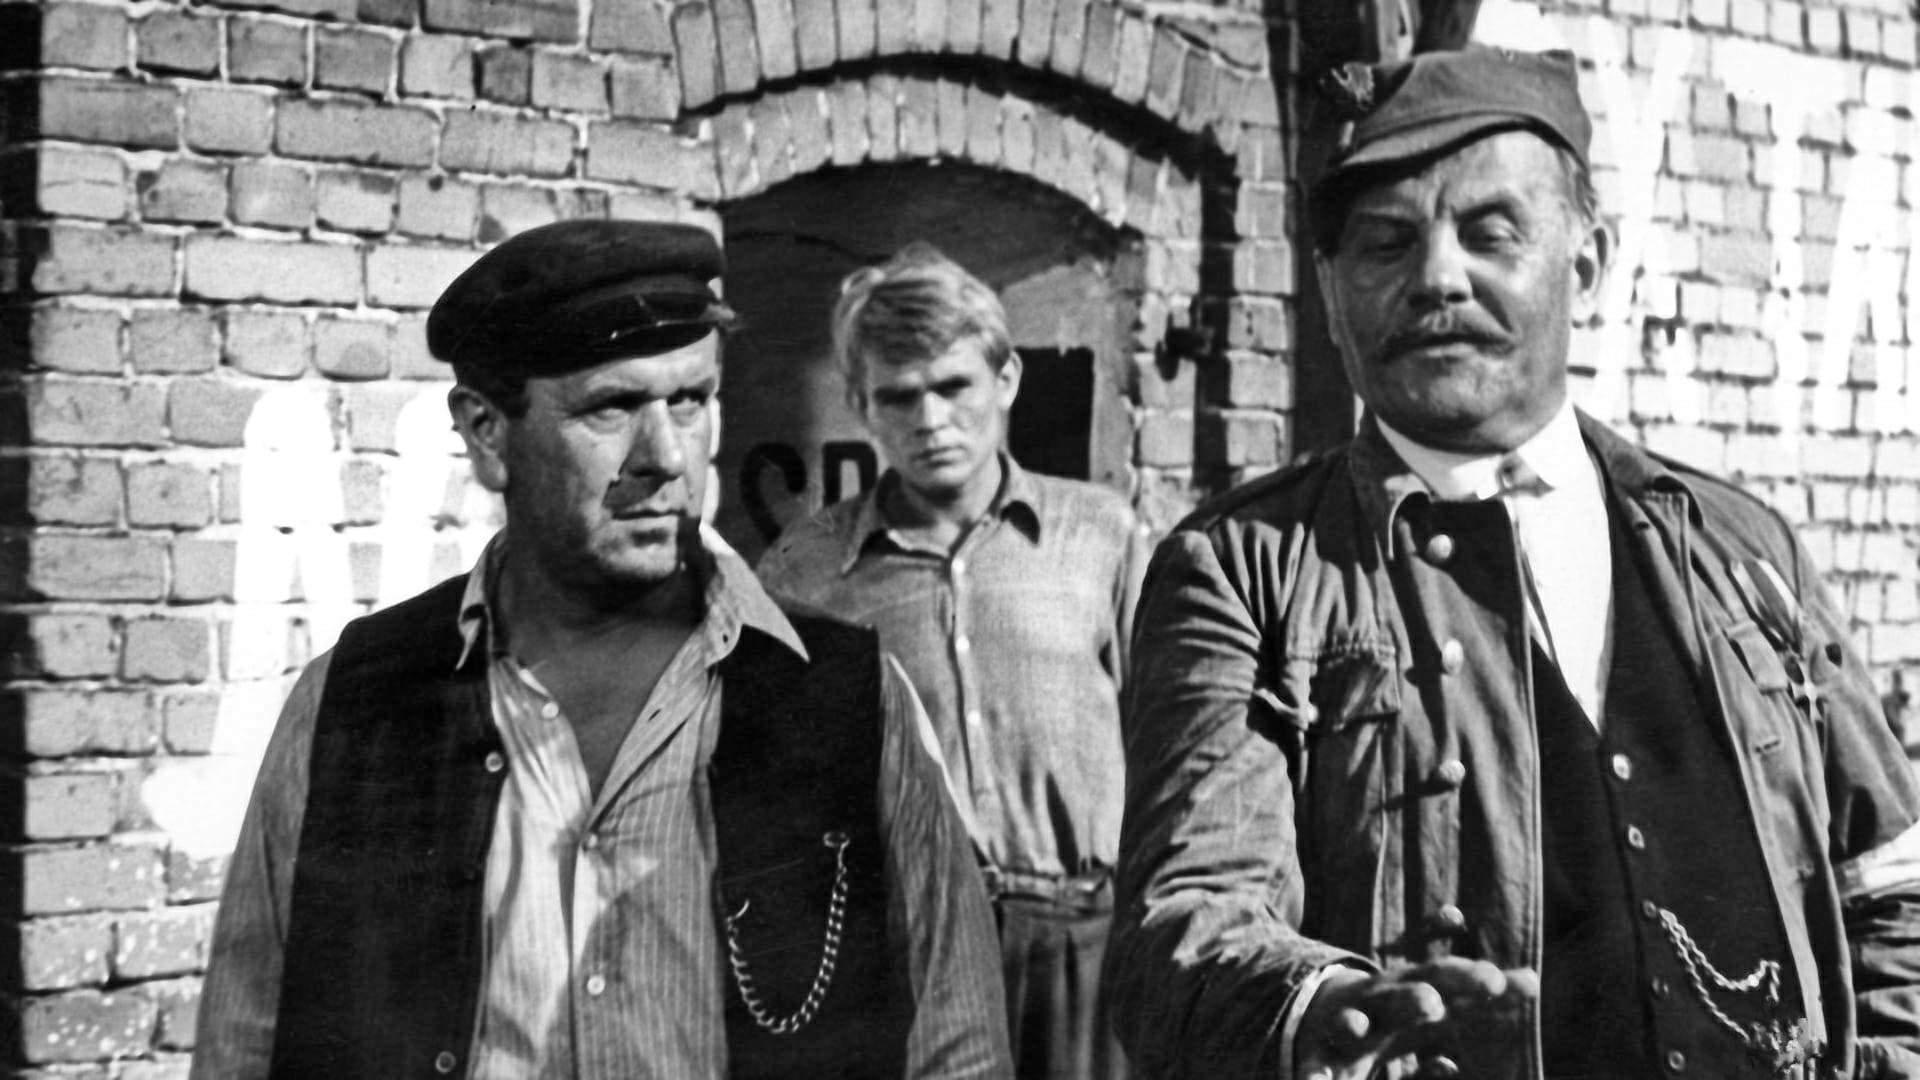 Кадры из фильма Все свои Sami swoi 1967